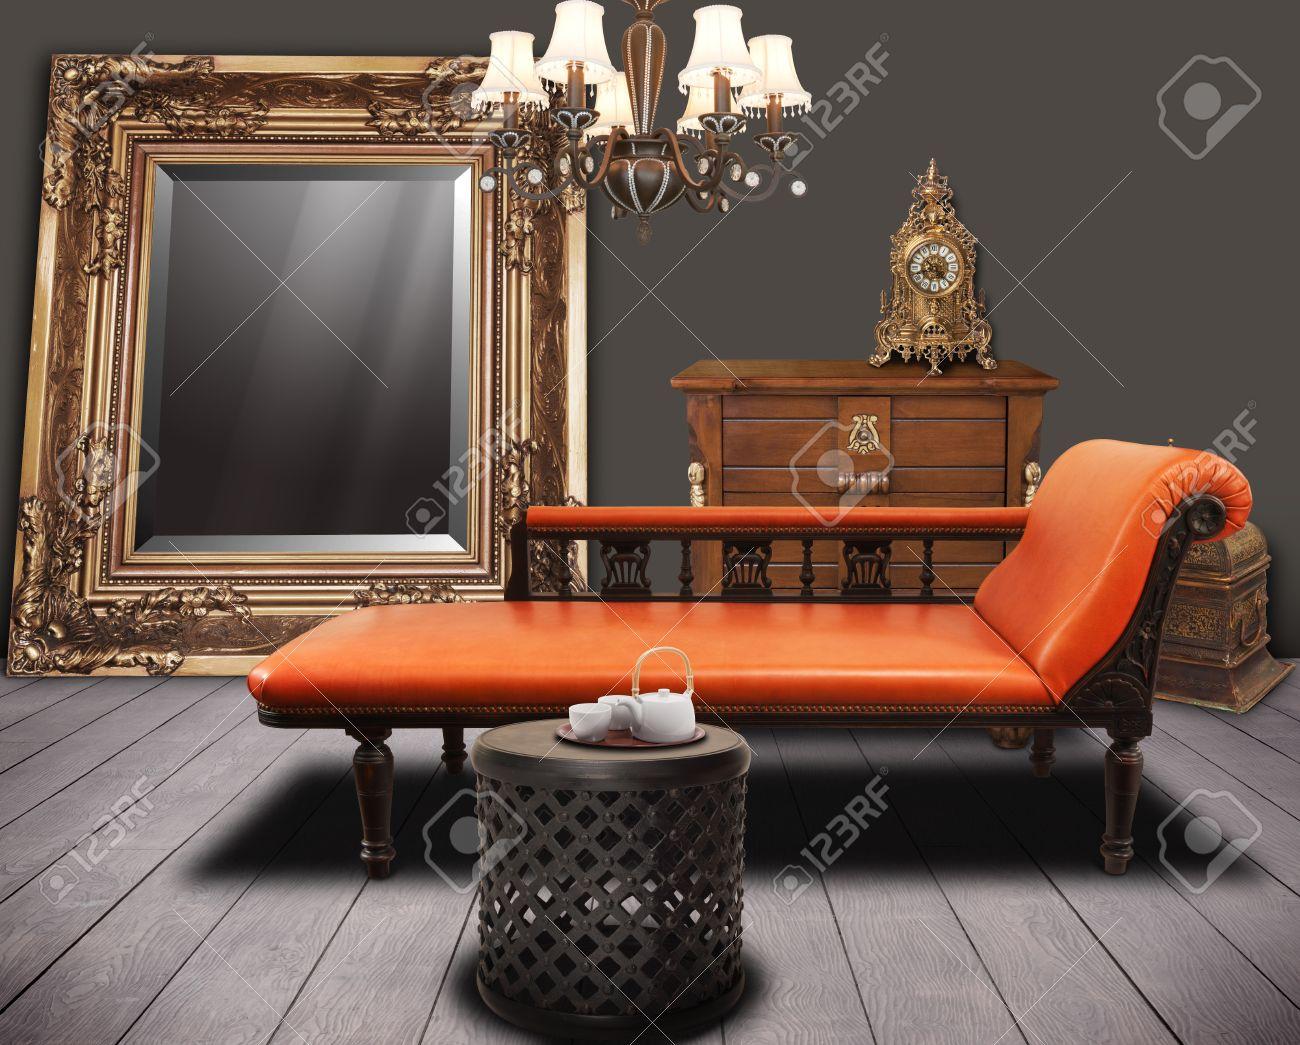 Vintage-Möbel Im Wohnzimmer Dekoriert Lizenzfreie Fotos, Bilder Und ...